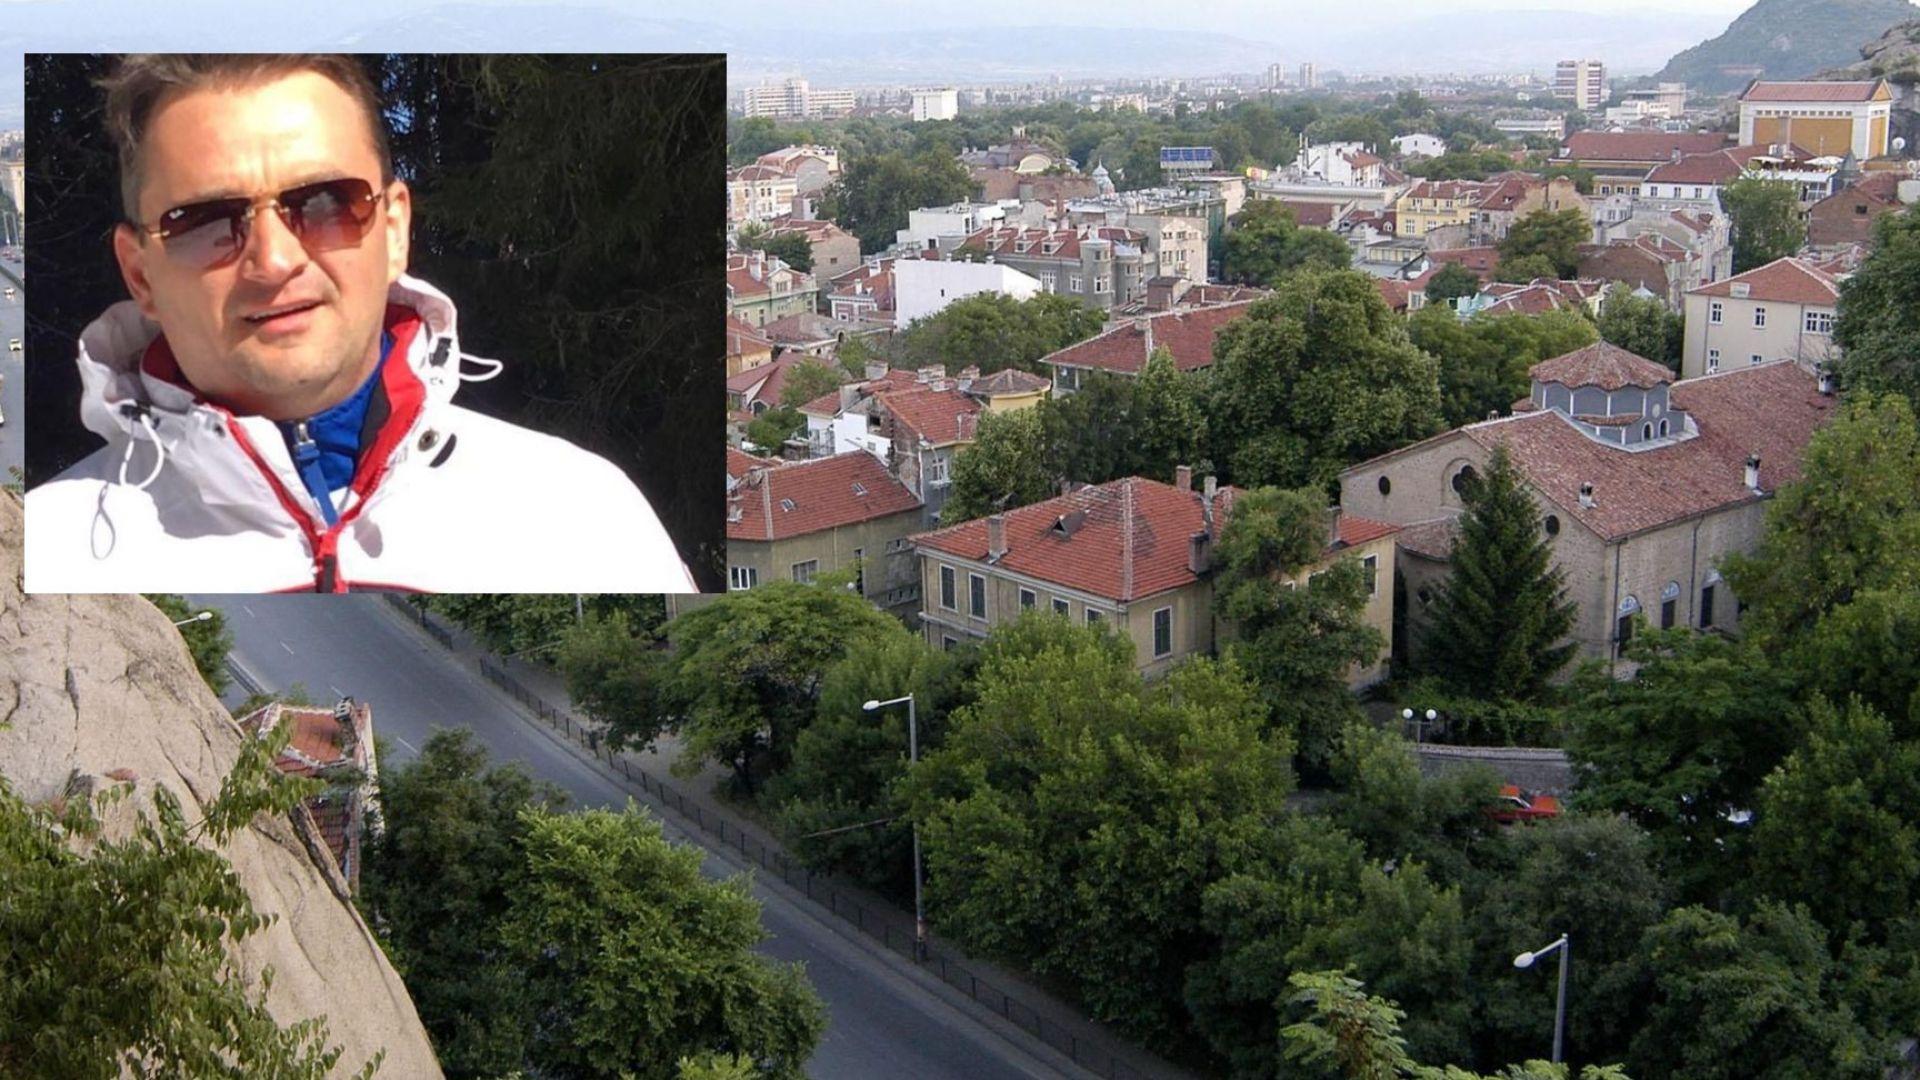 Проговори бизнесменът, подал сигнала срещу арестувания кмет в Пловдив